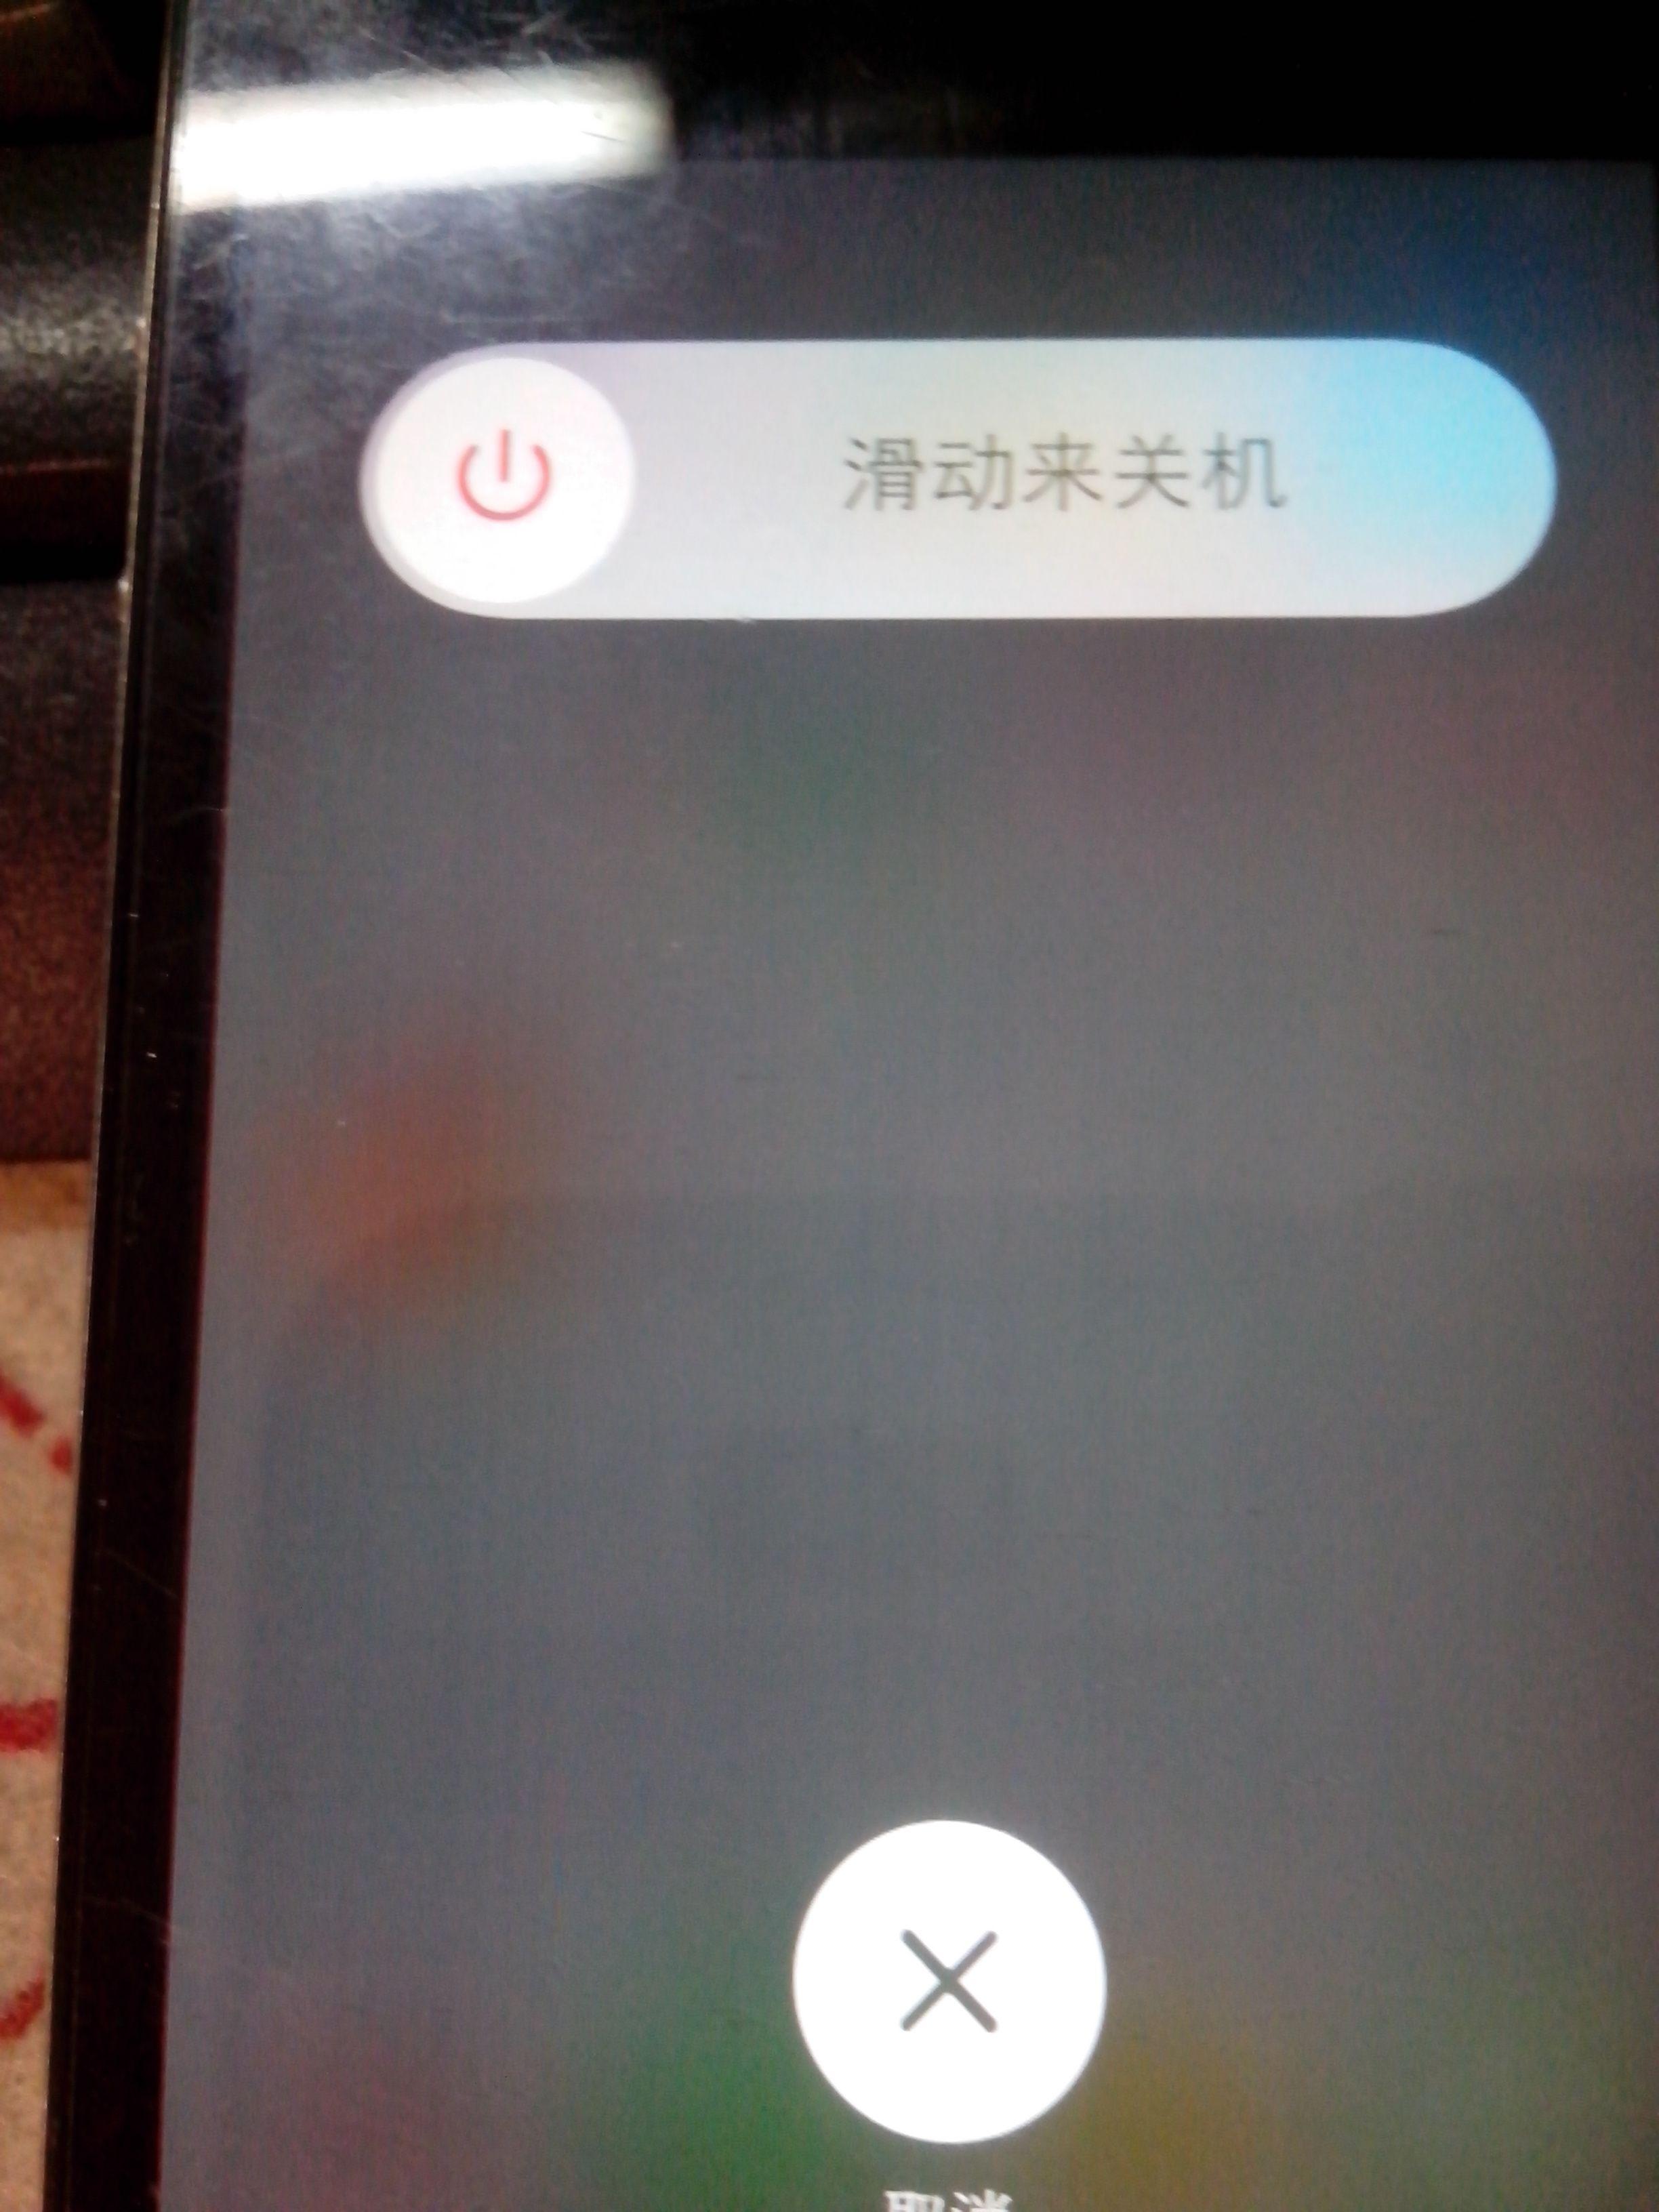 开机关机偷拍_苹果手机关机键关了机后,很快就自动开机.关不了机.